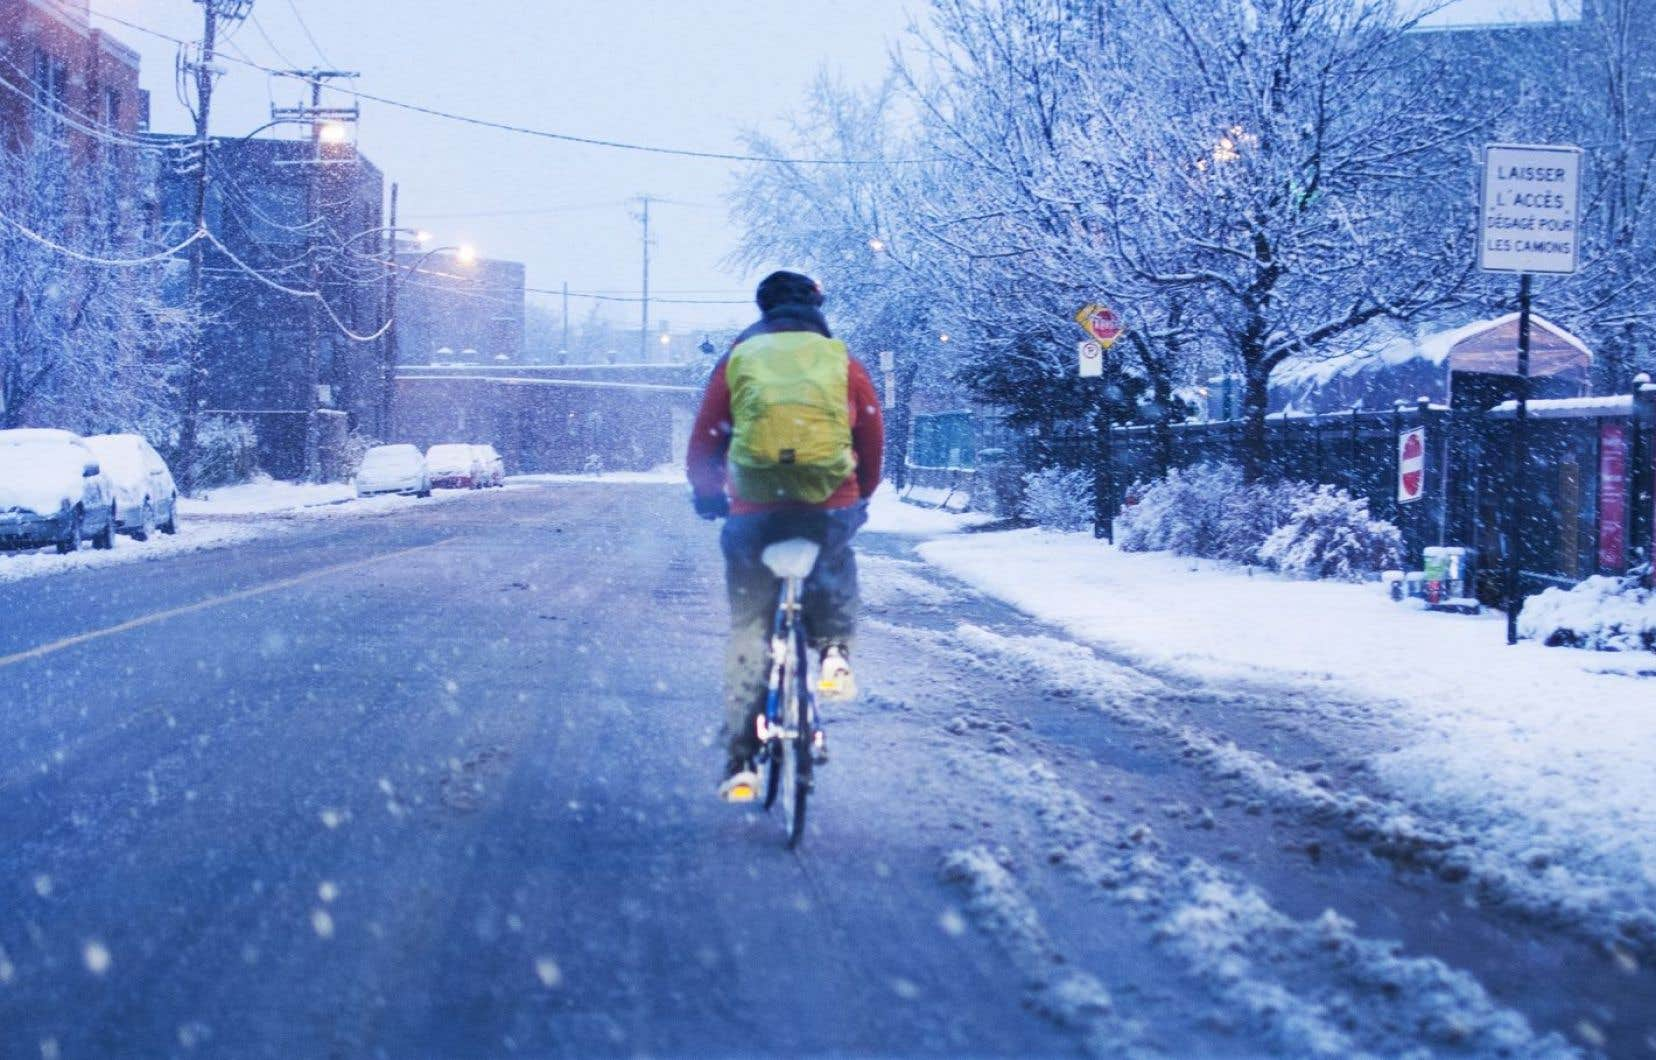 Environ 180 000 personnes font du vélo au moins une fois entre décembre et mars, selon l'organisme Vélo Québec.